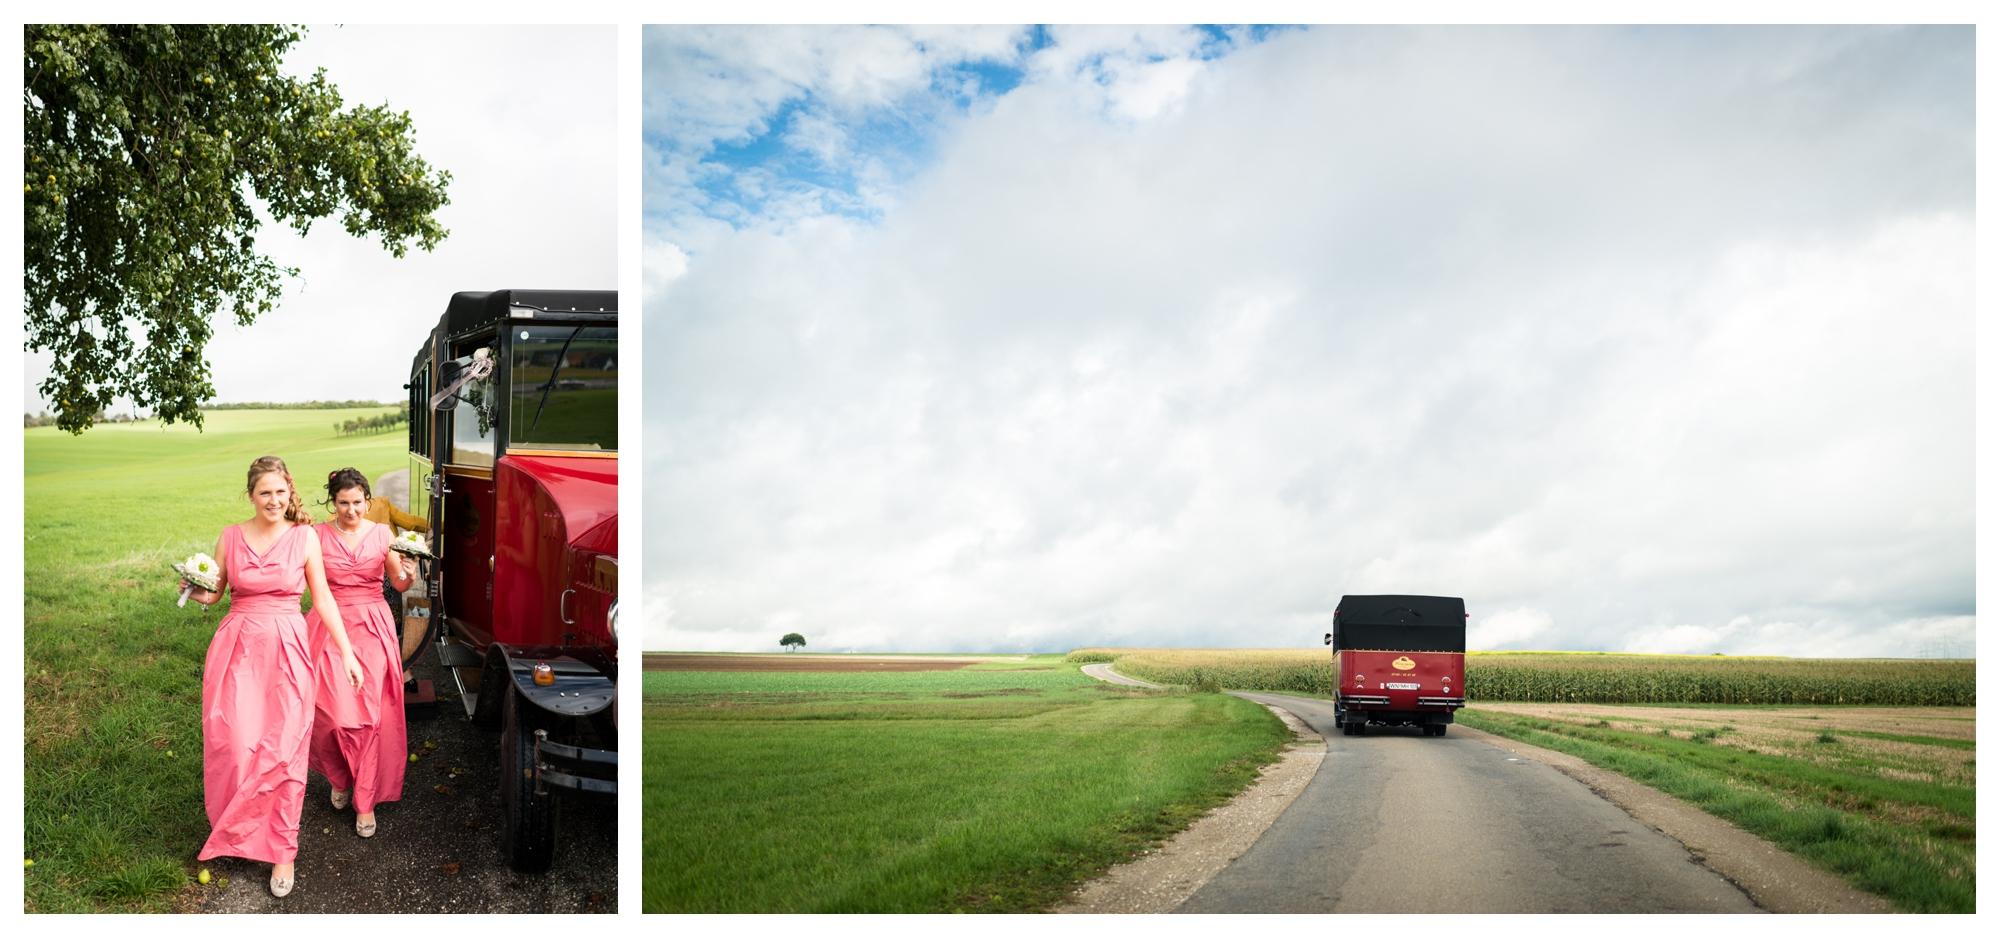 Fotograf Konstanz - Als Hochzeitsfotograf in Bad Dürrheim unterwegs  - 26 -